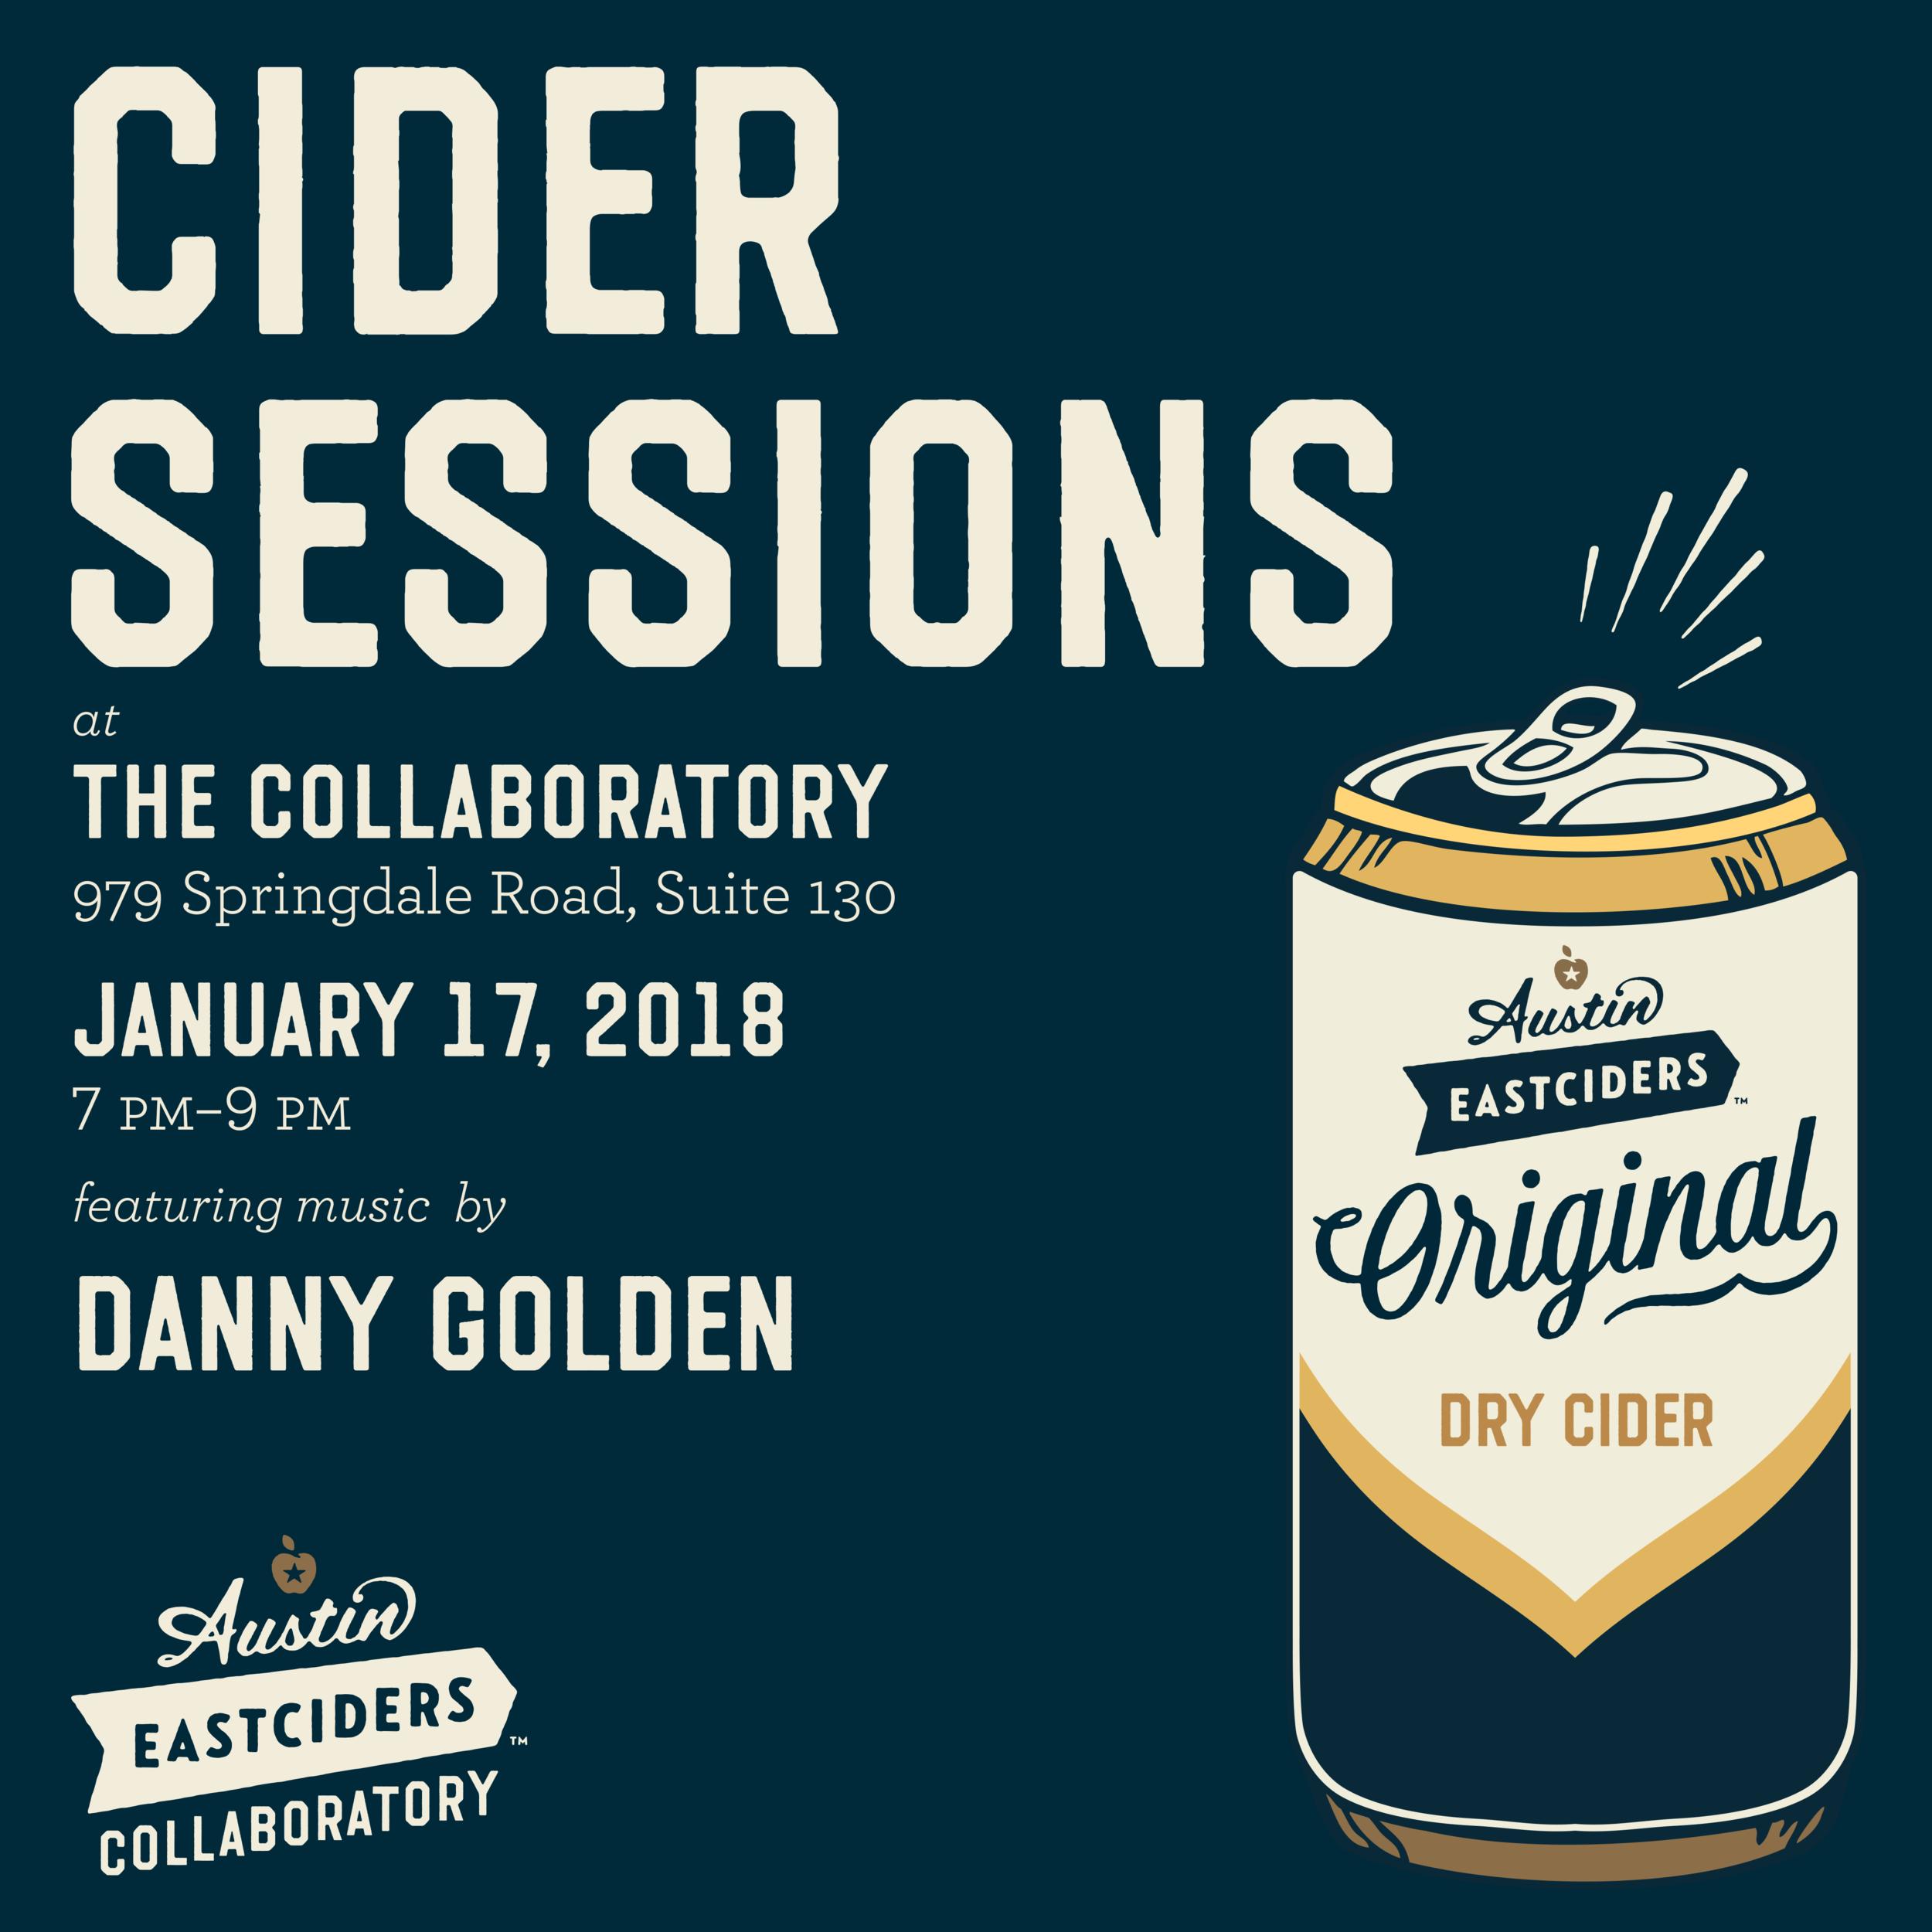 Cider Sessions_digital_Jan17 IG.PNG